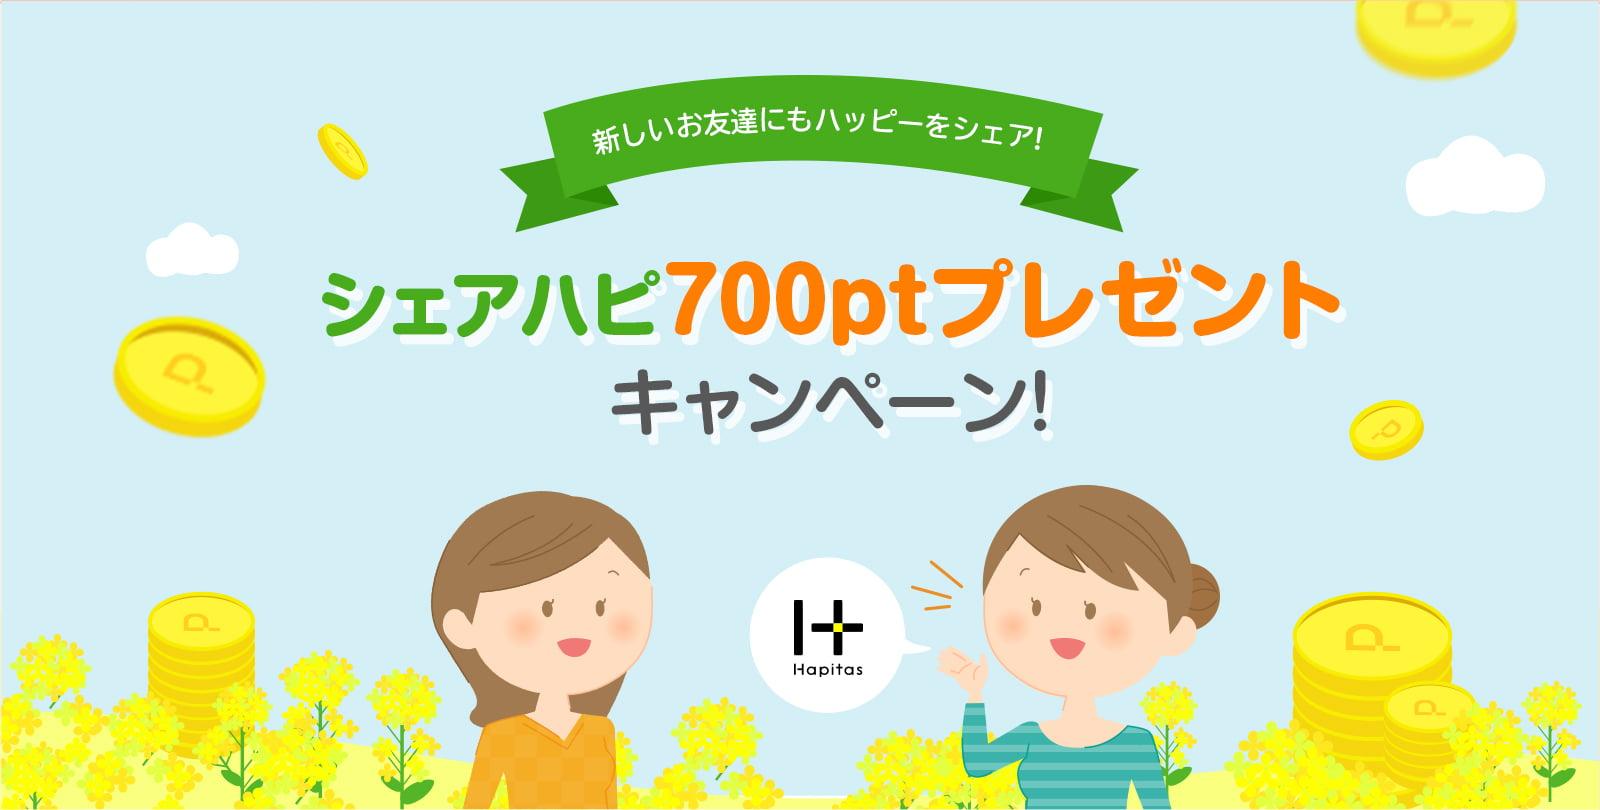 シェアハピ700ptプレゼントキャンペーン